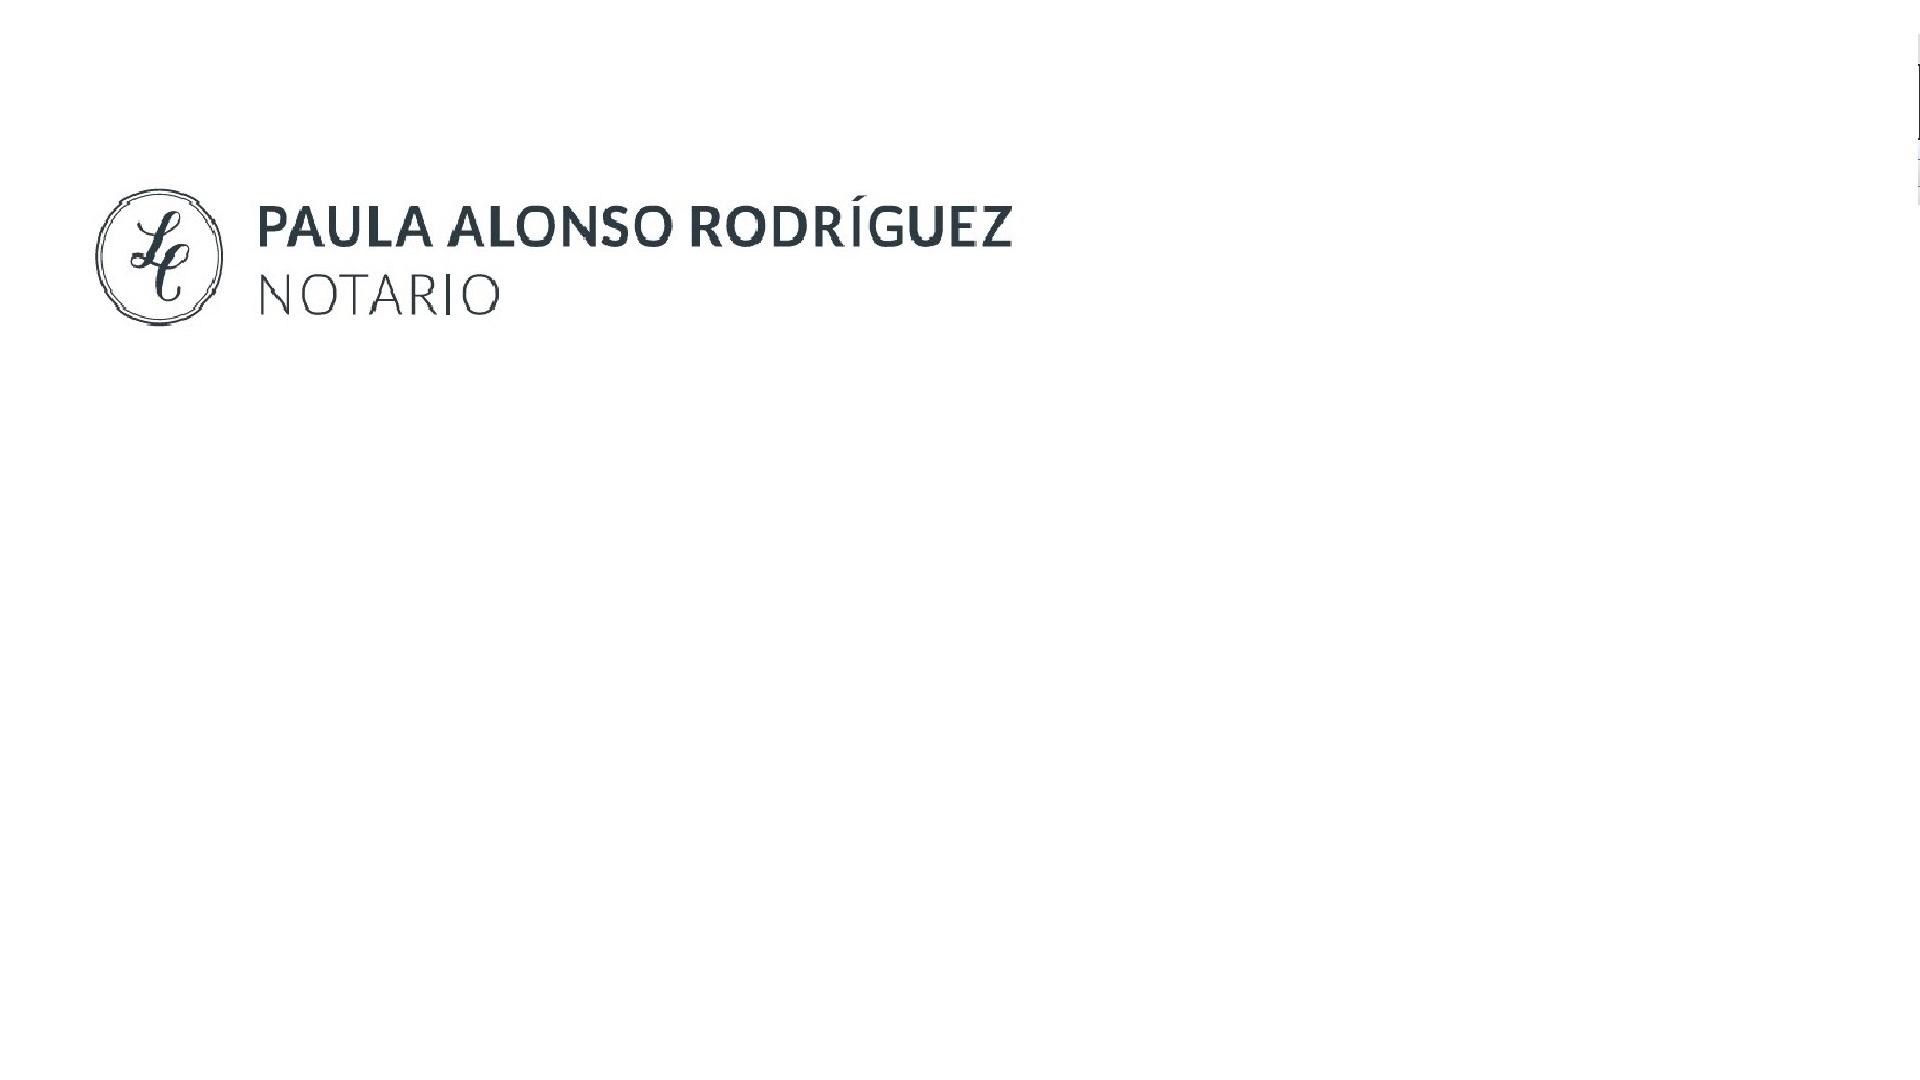 Notaría Paula Alonso Rodríguez